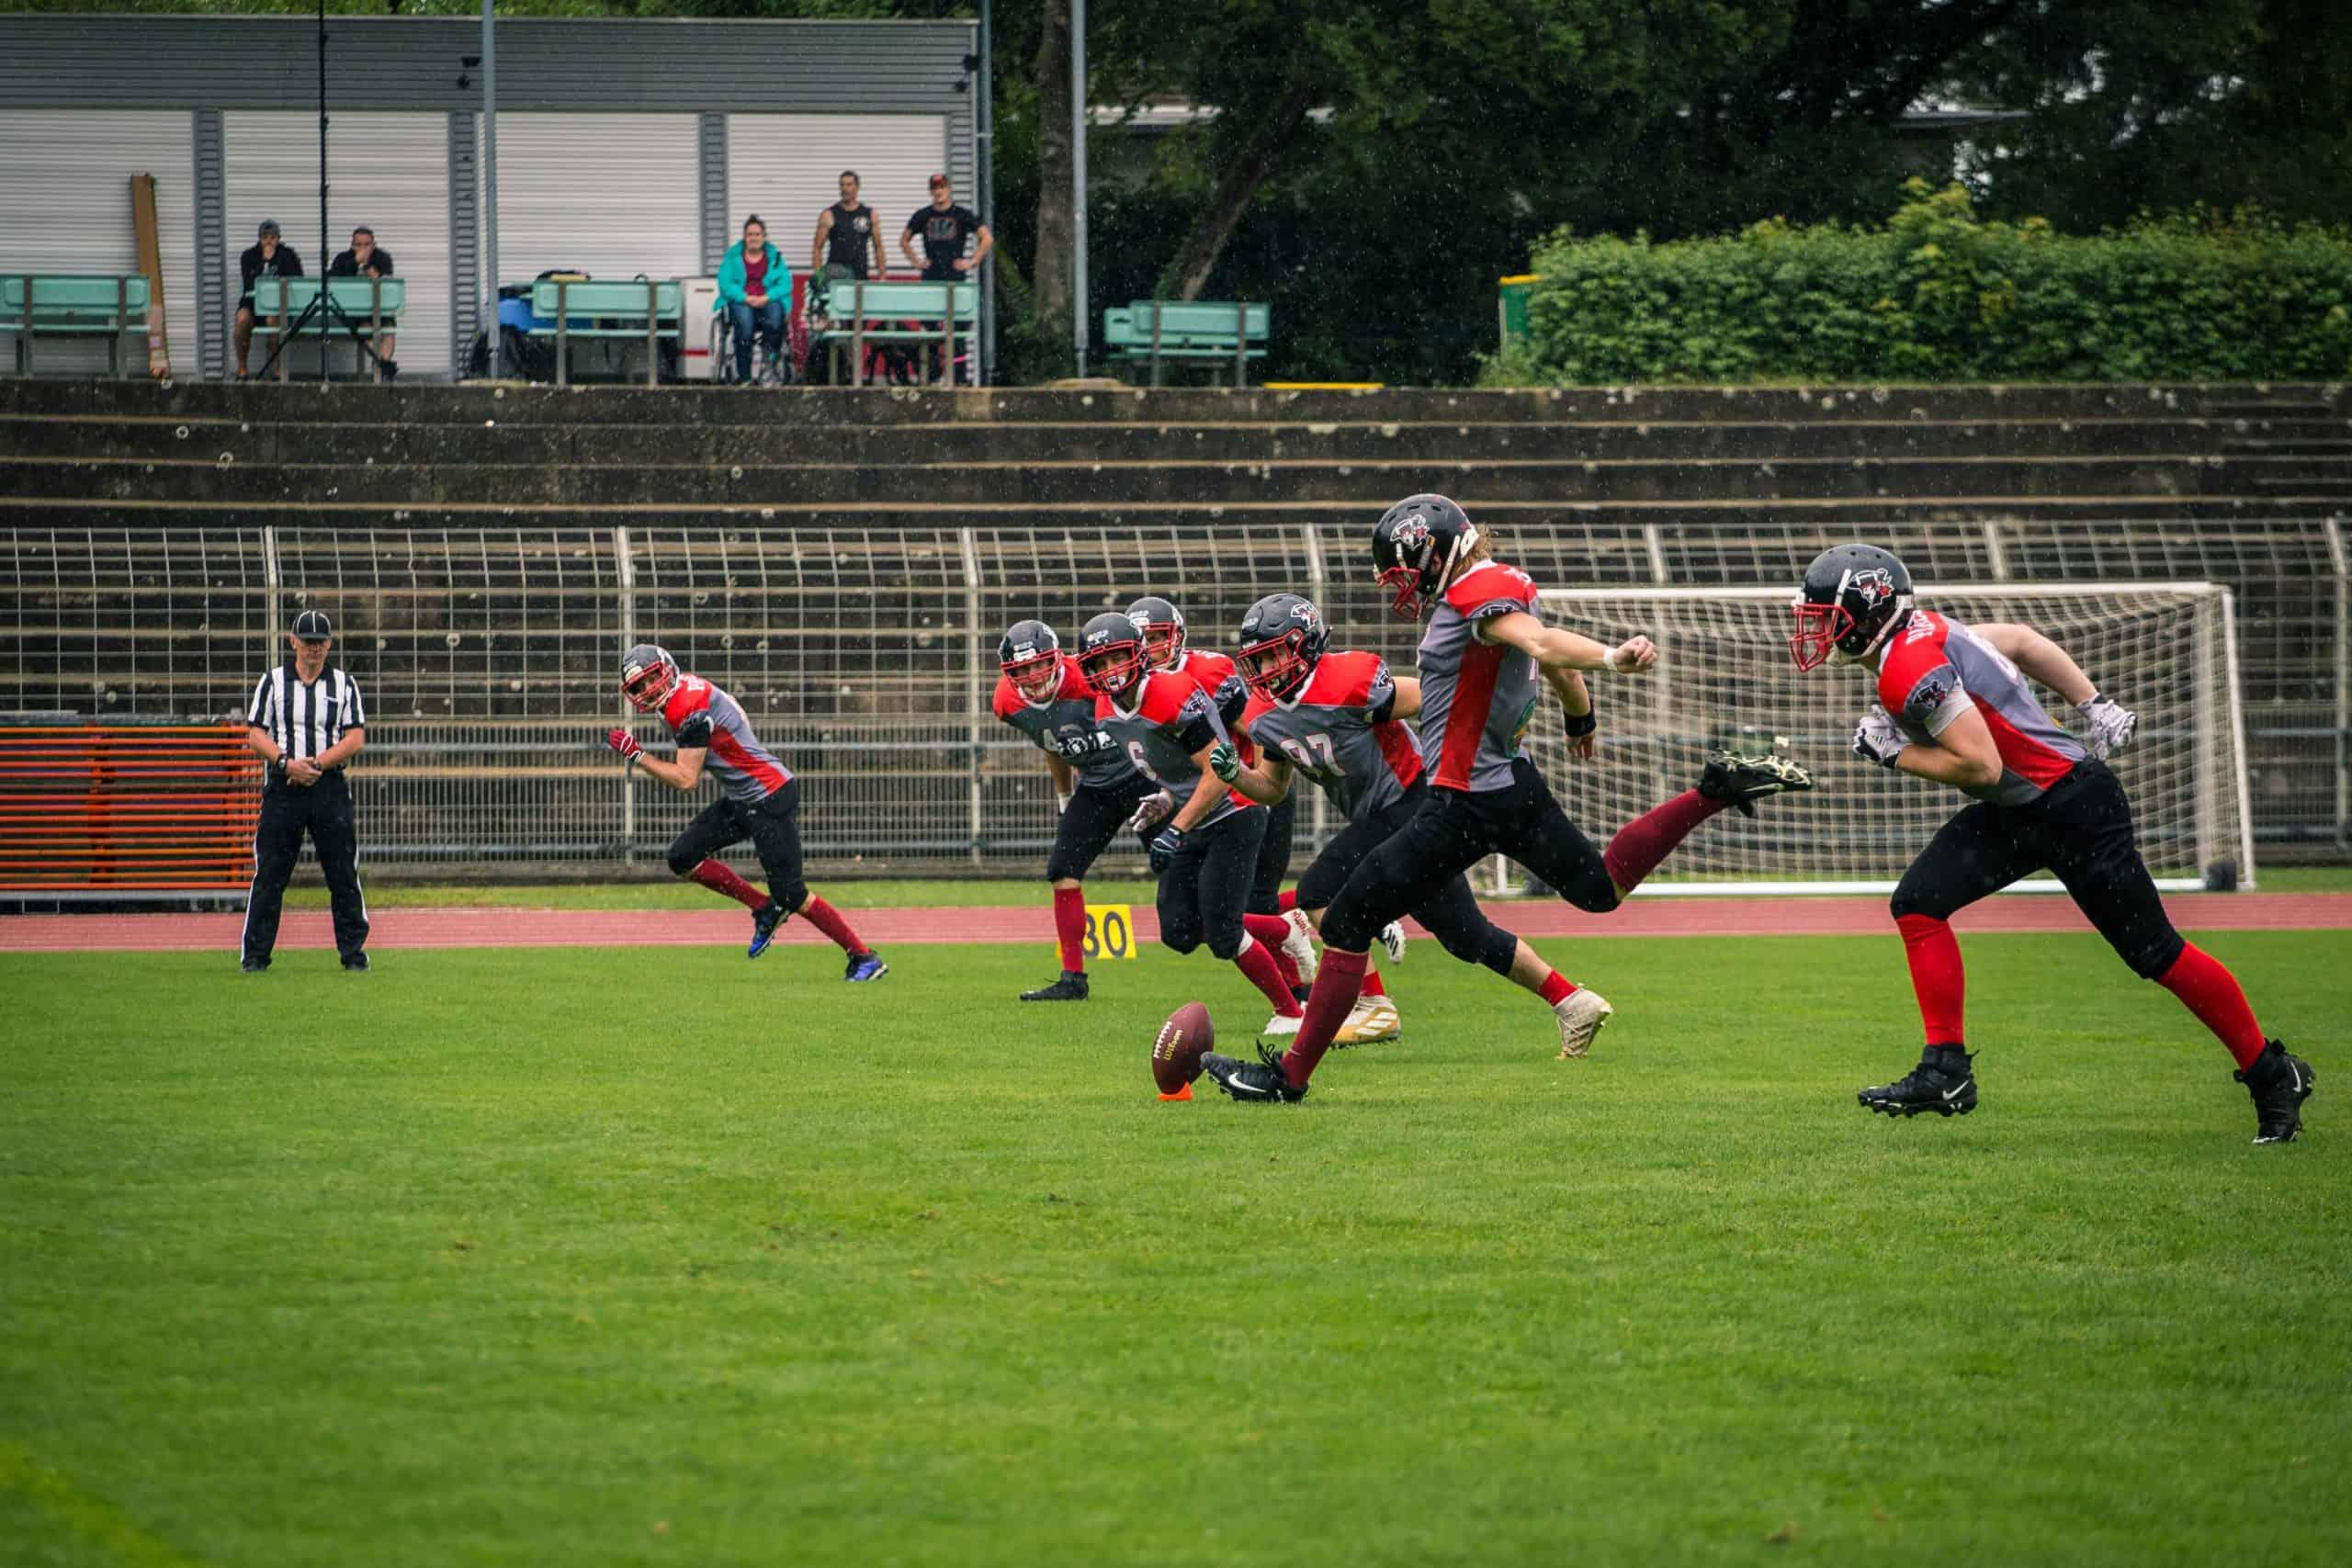 Konstanz Pirates - American Football - Miners Kickoff